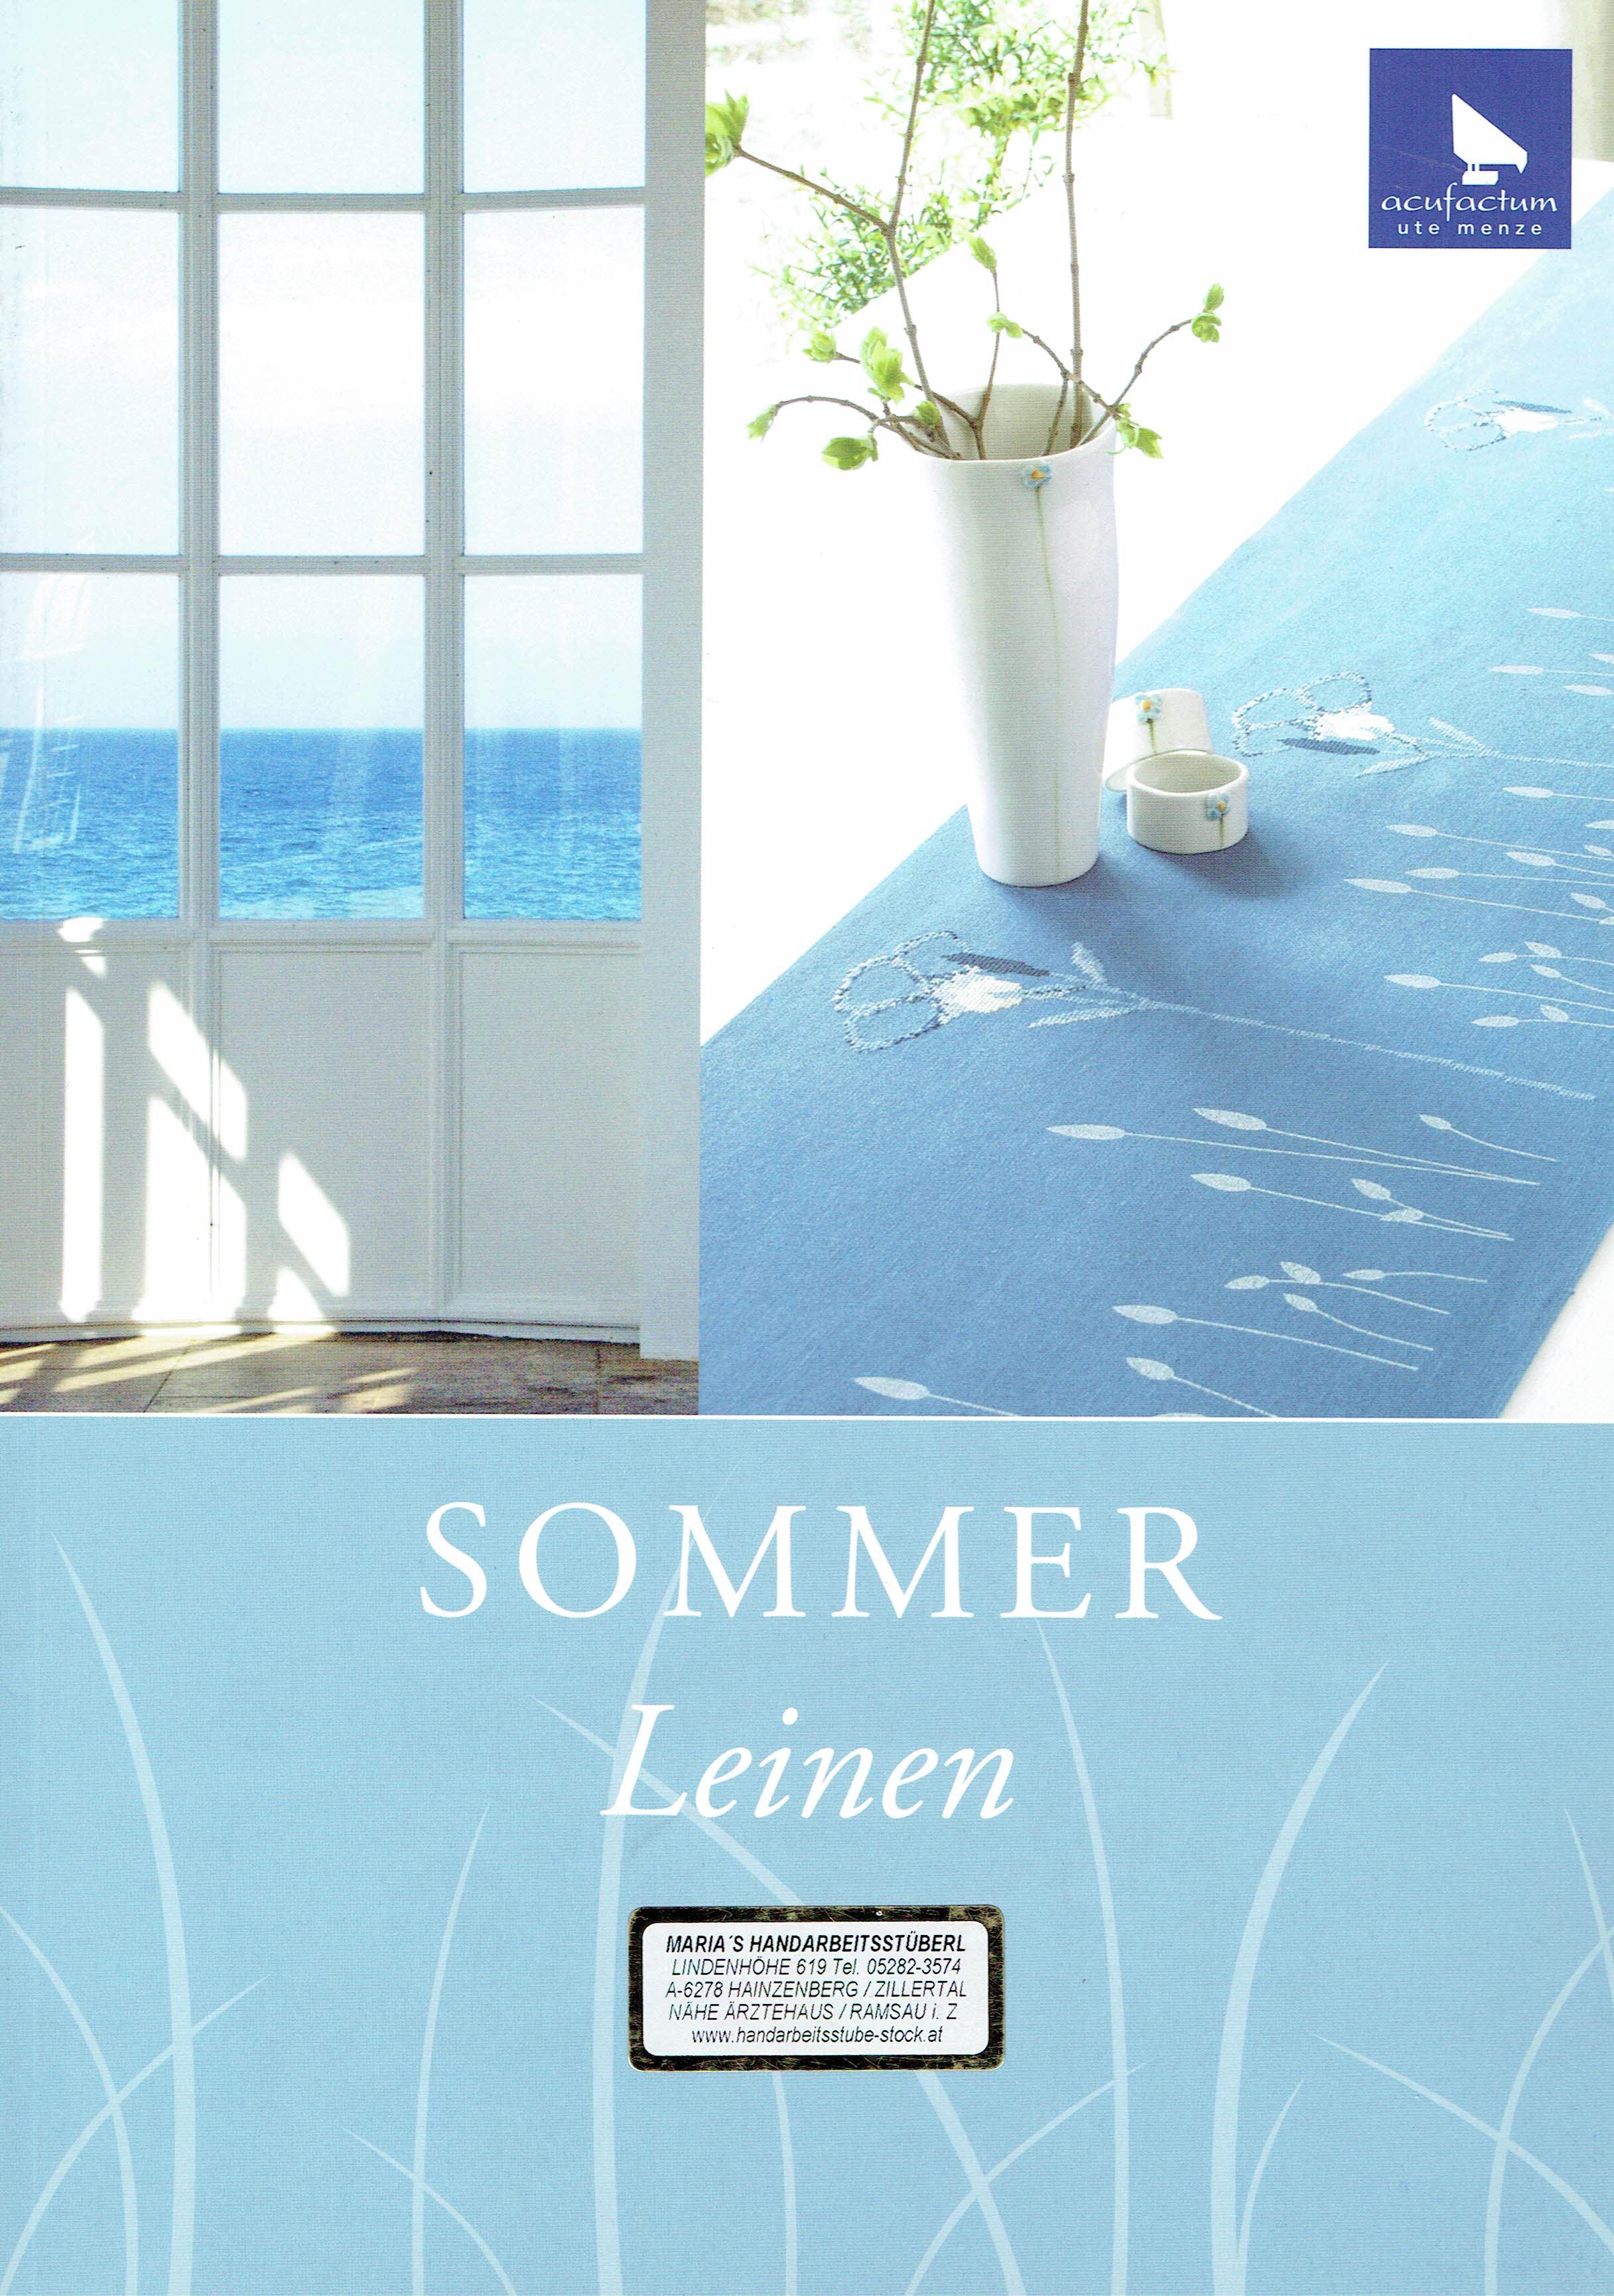 acu - Sommer Leinen